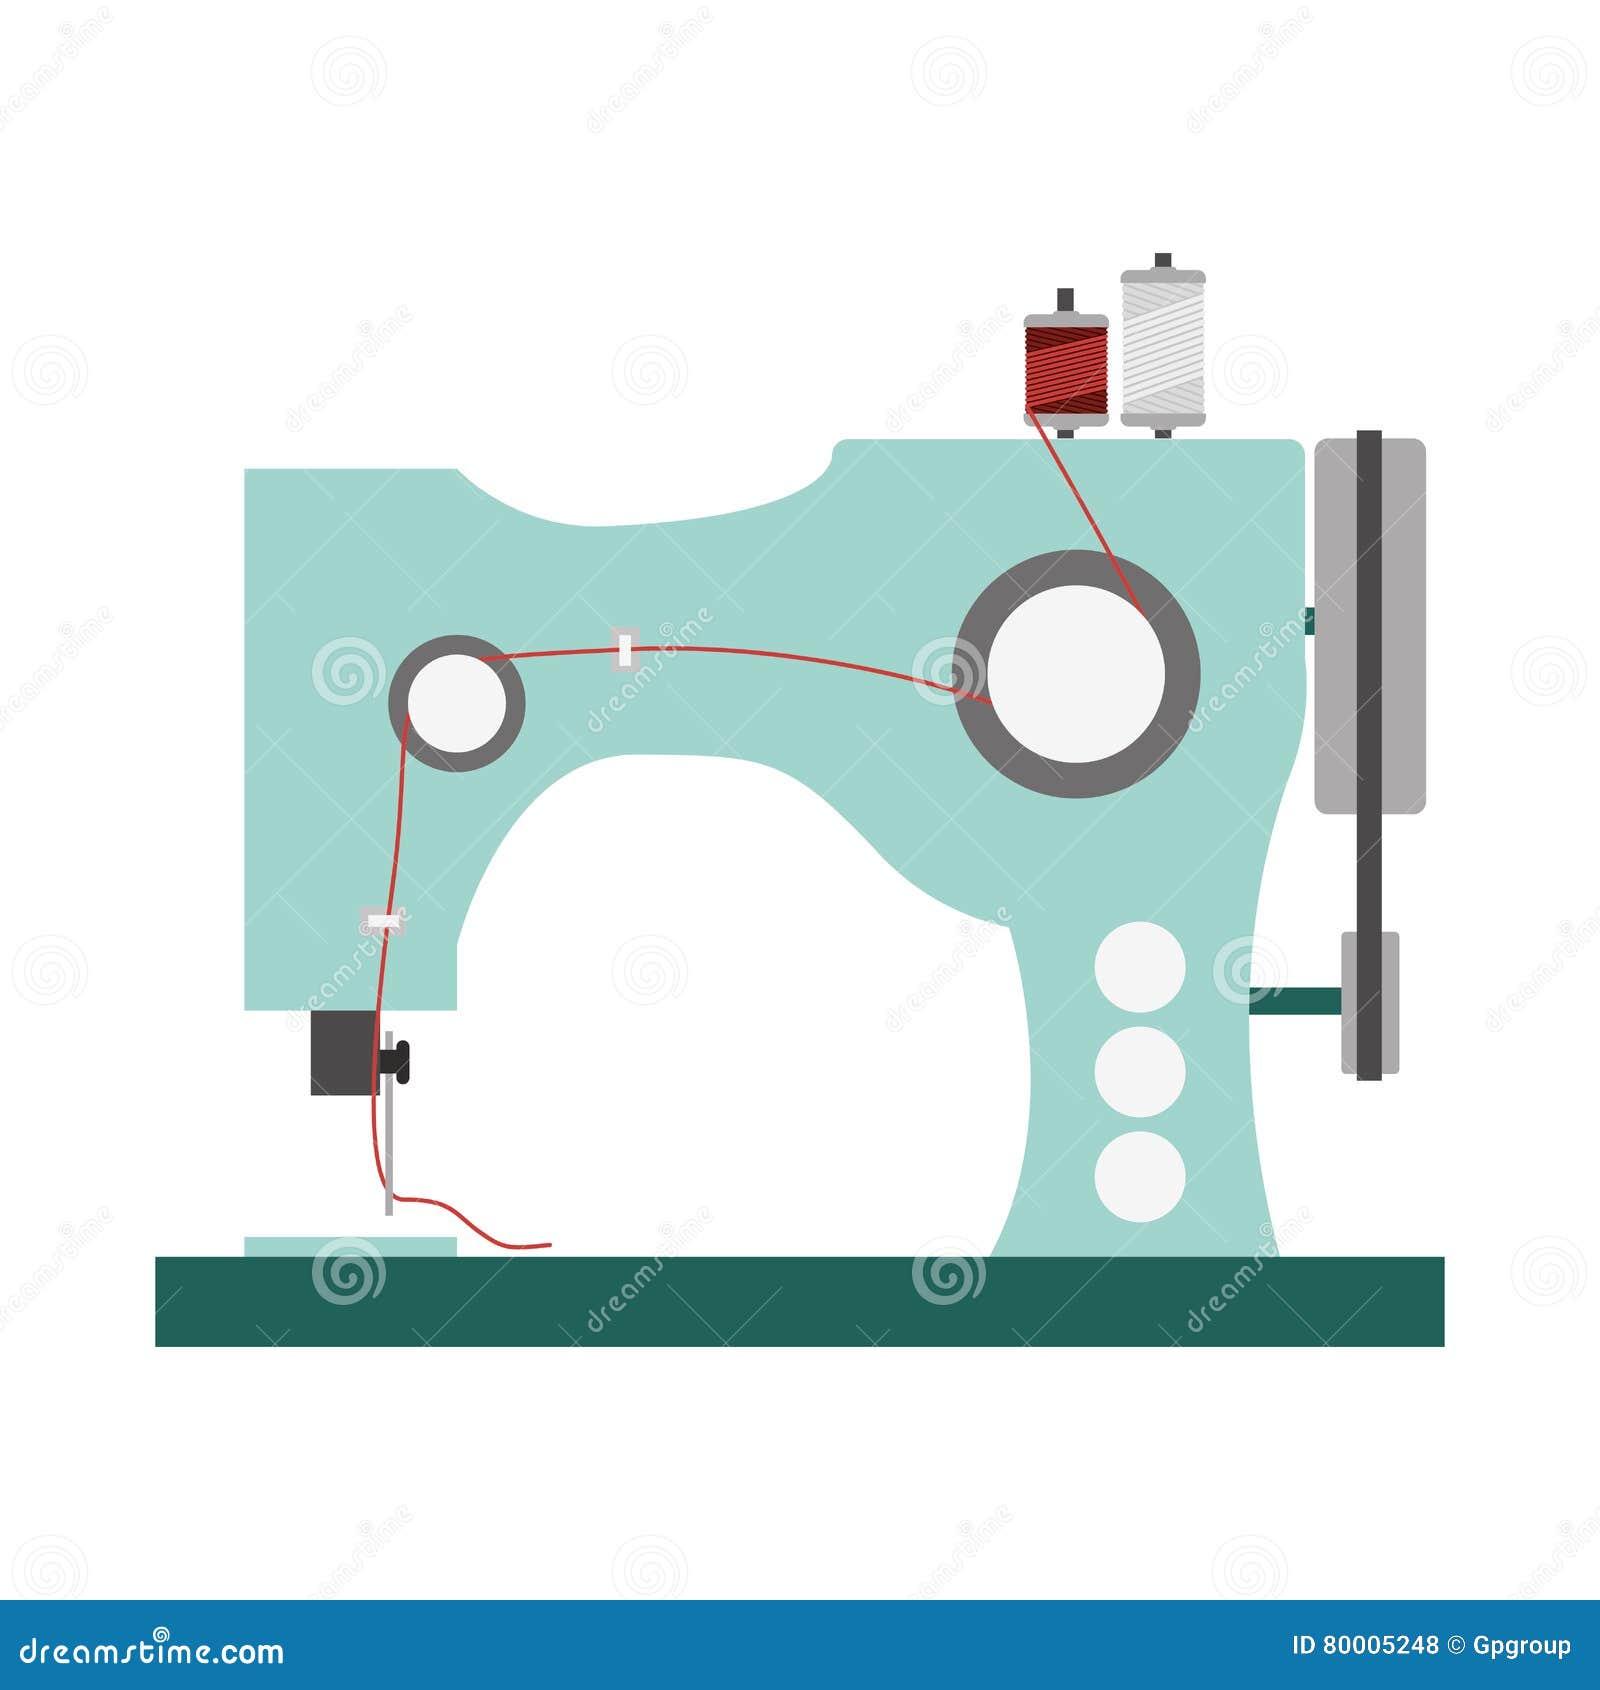 Icono De La Máquina De Coser Ilustración del Vector - Ilustración de ...